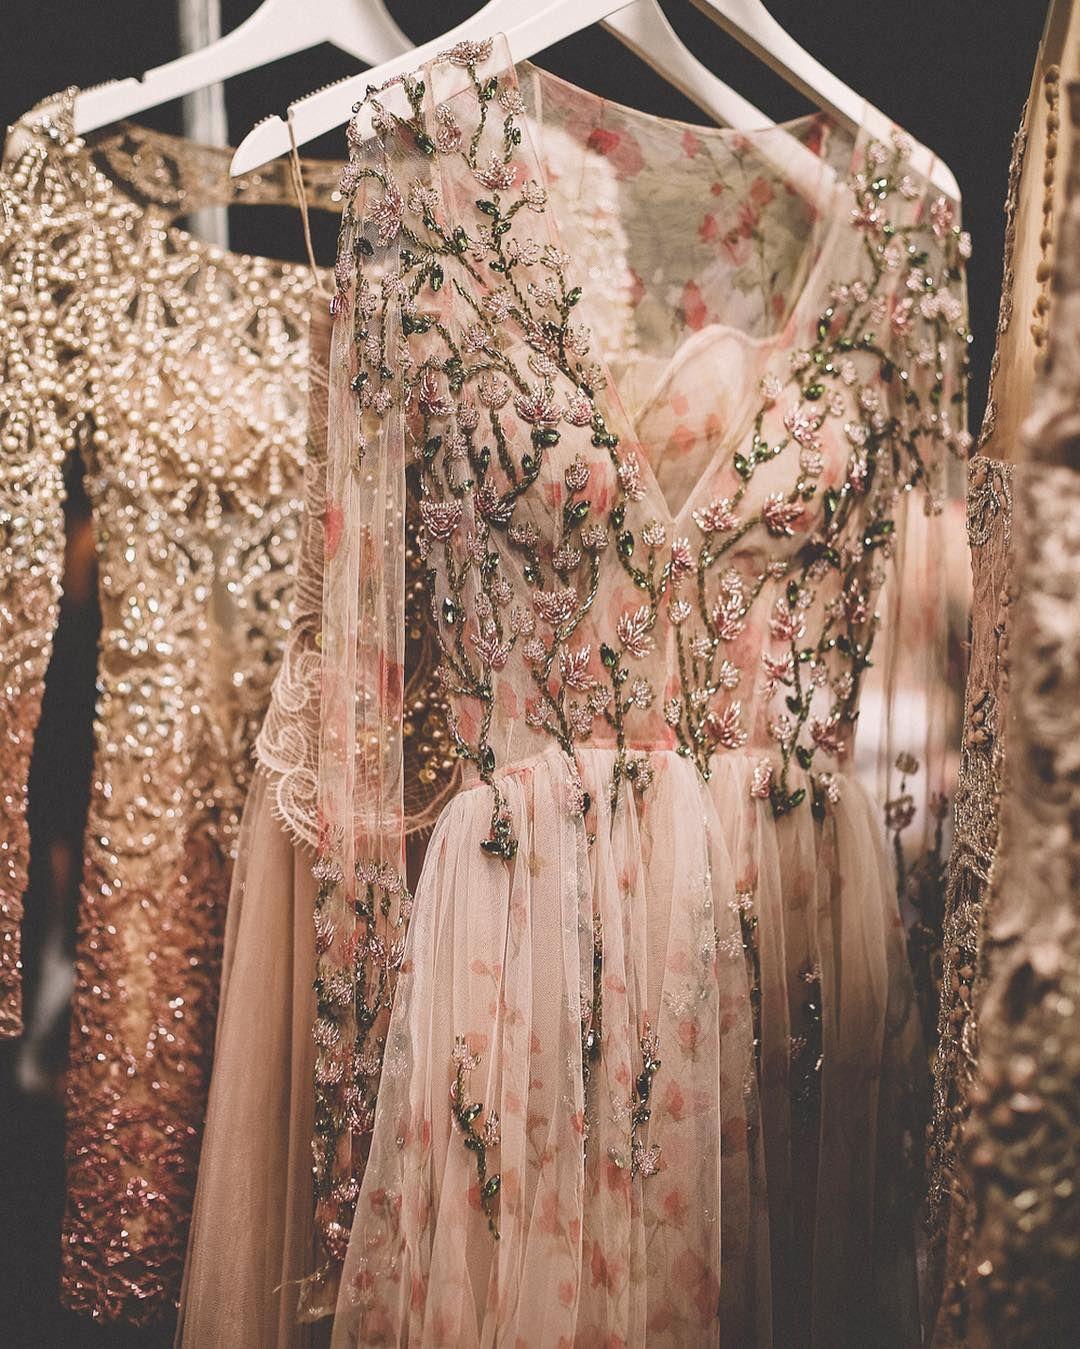 Embroidered Patricia Bonaldi gowns